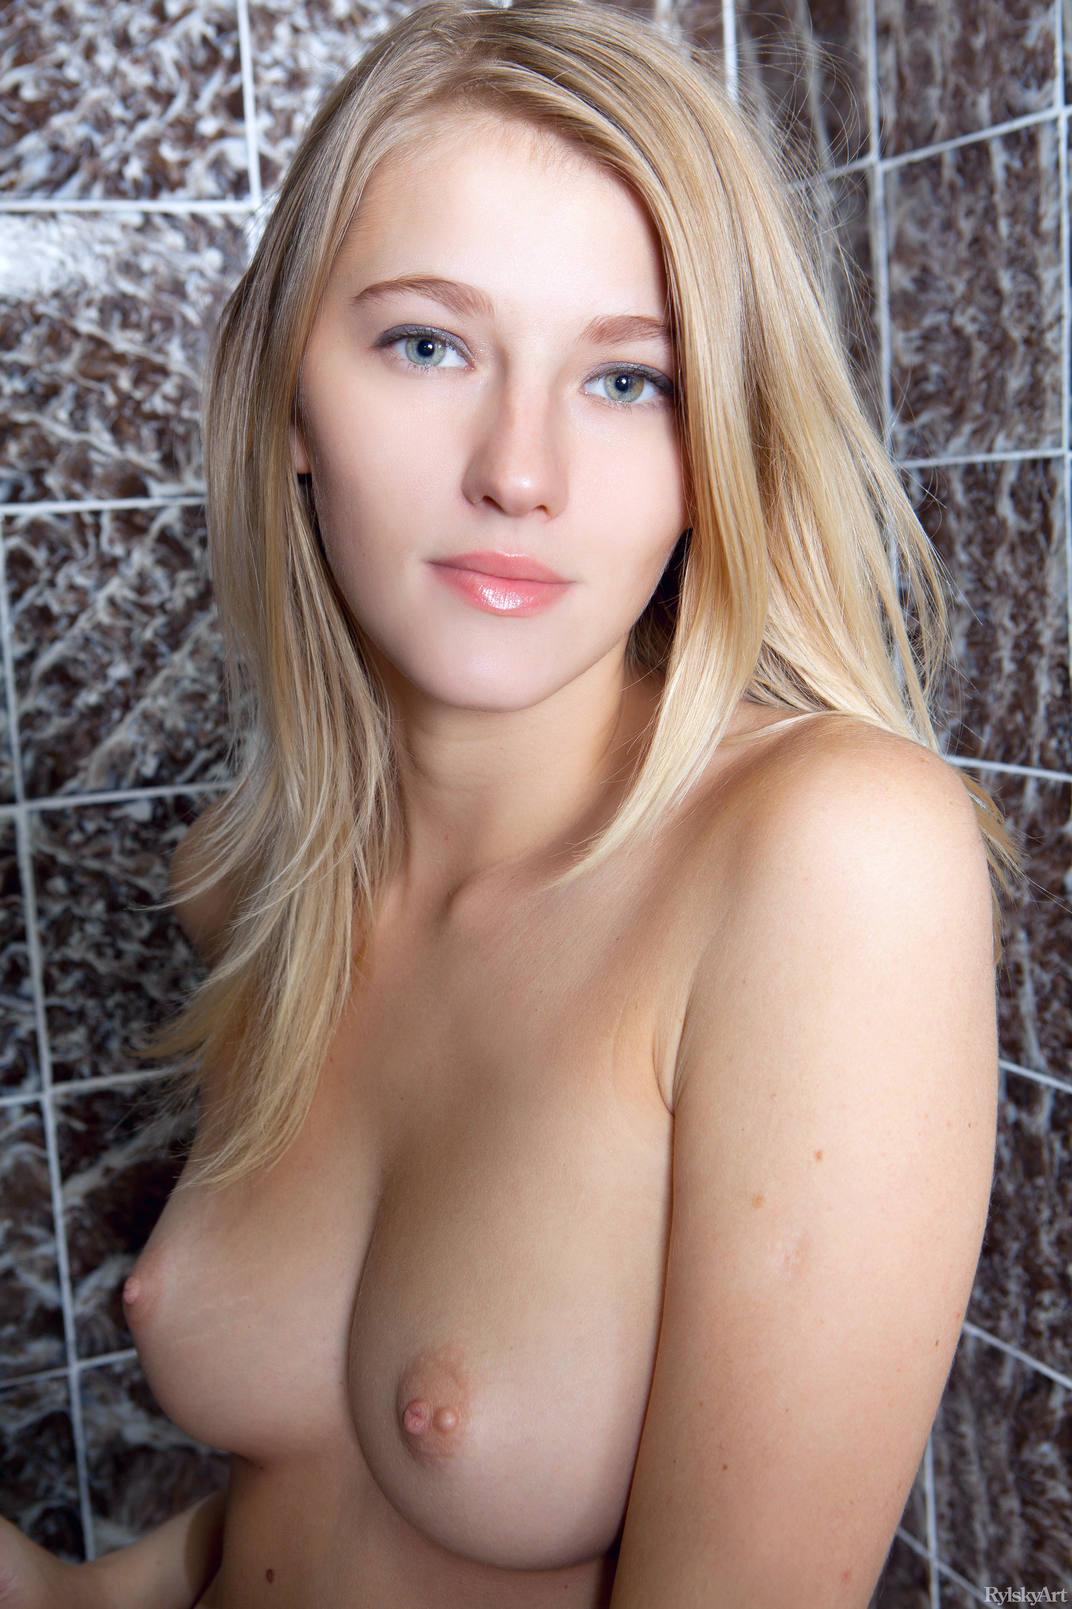 Teenage girl nude